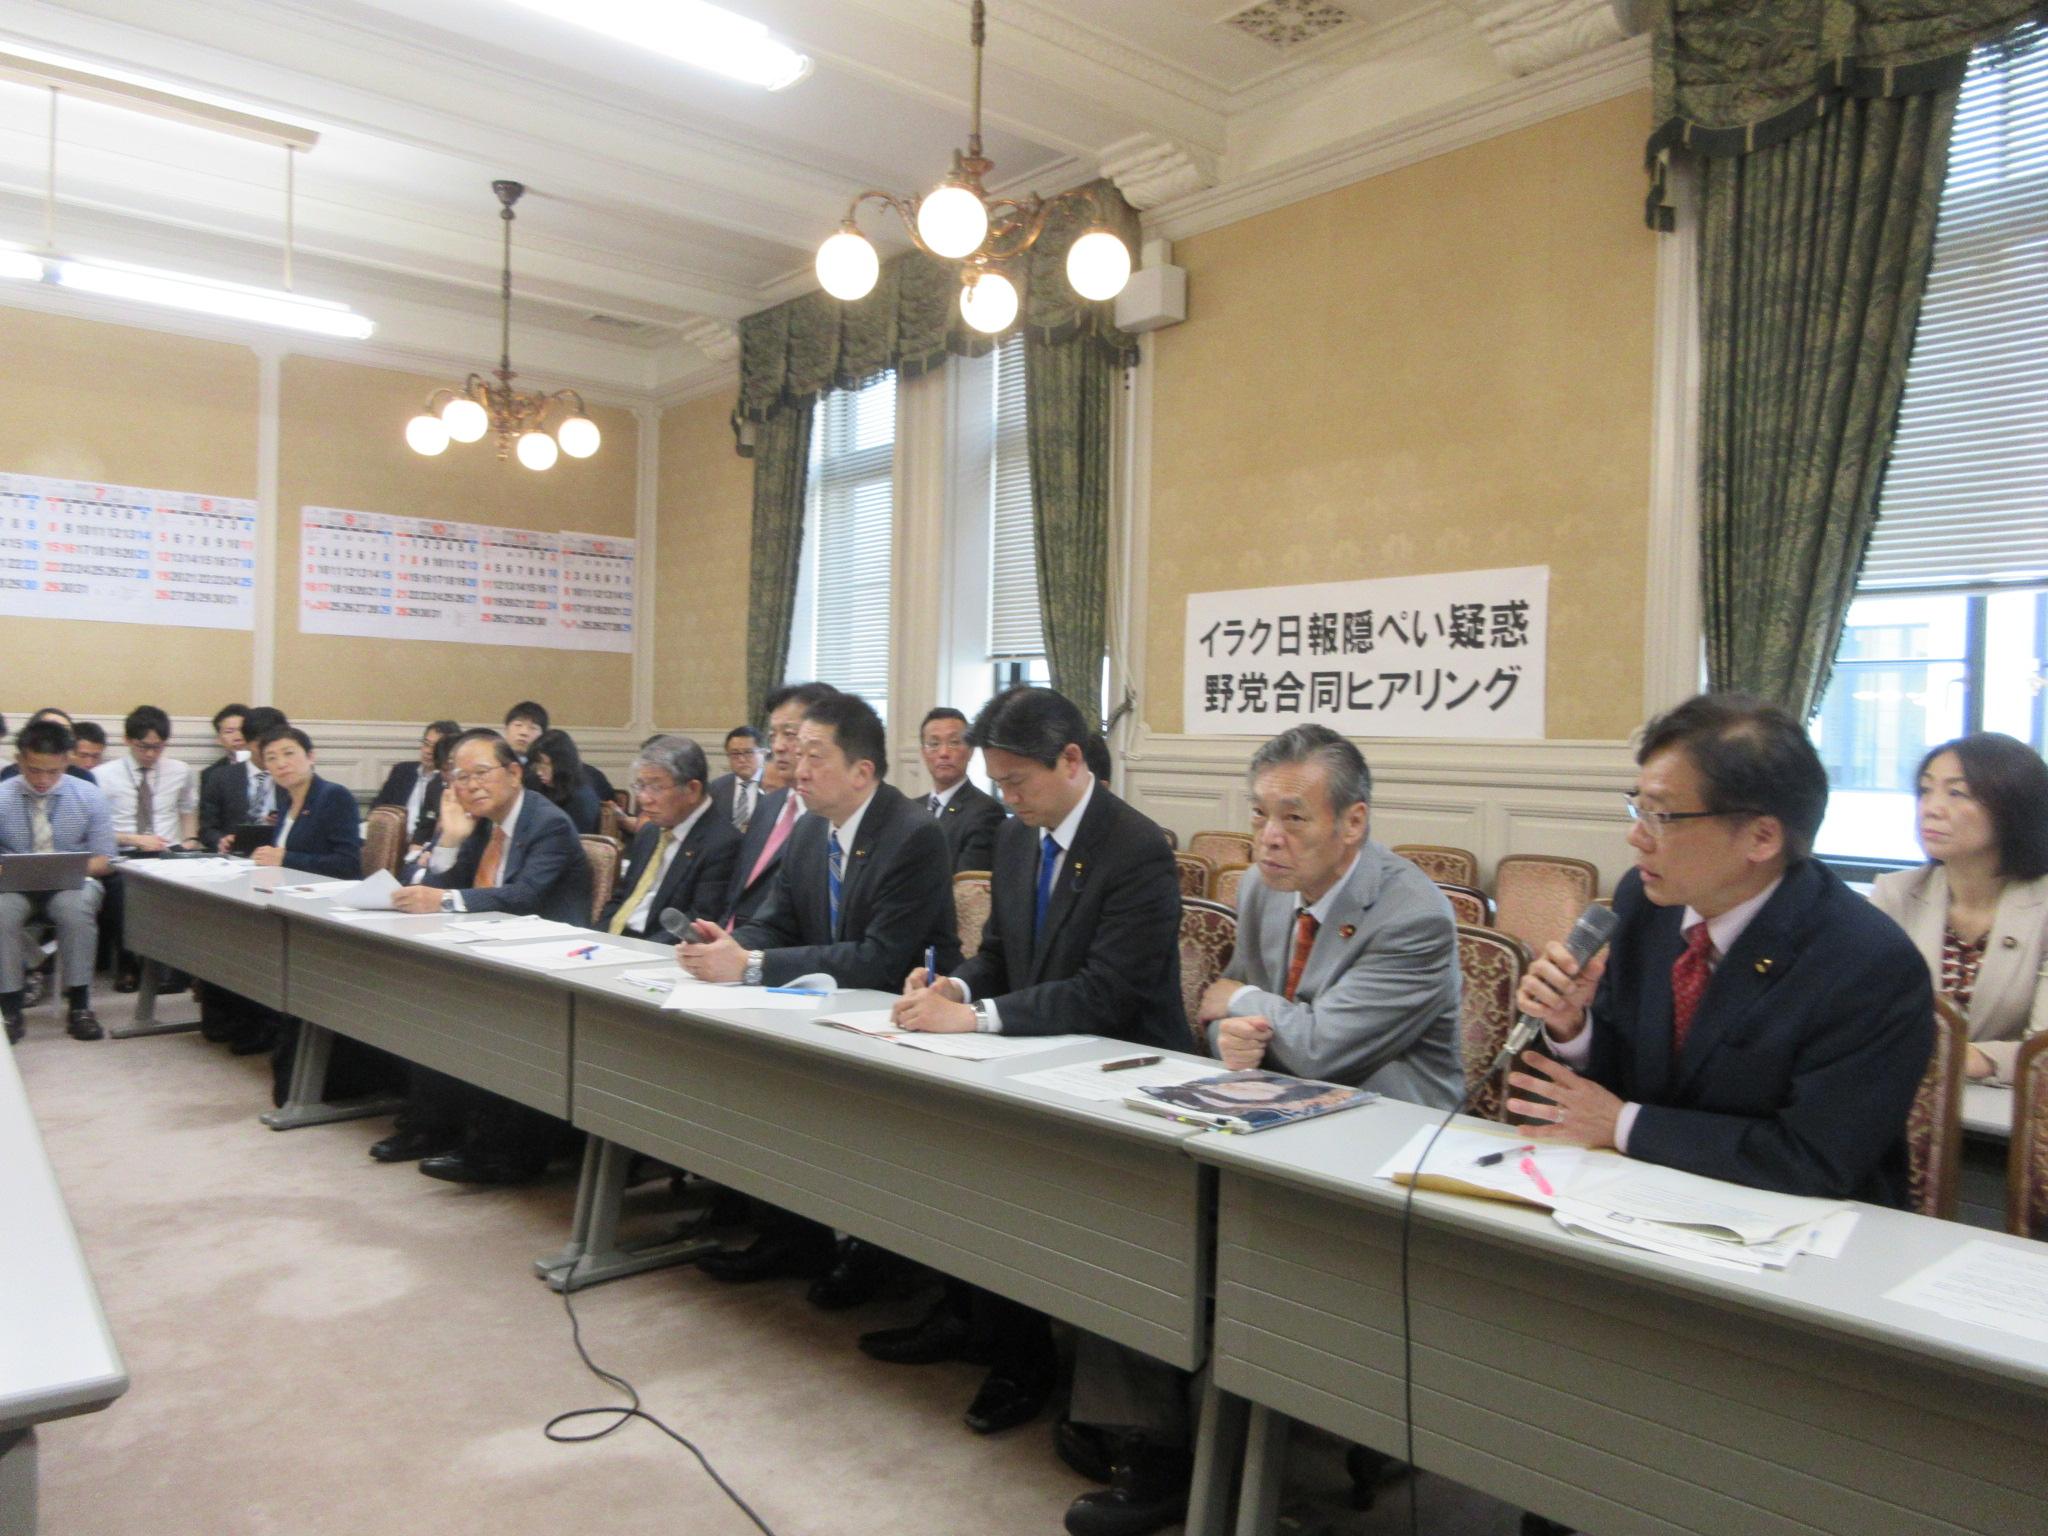 http://www.inoue-satoshi.com/diary/IMG_4098.JPG